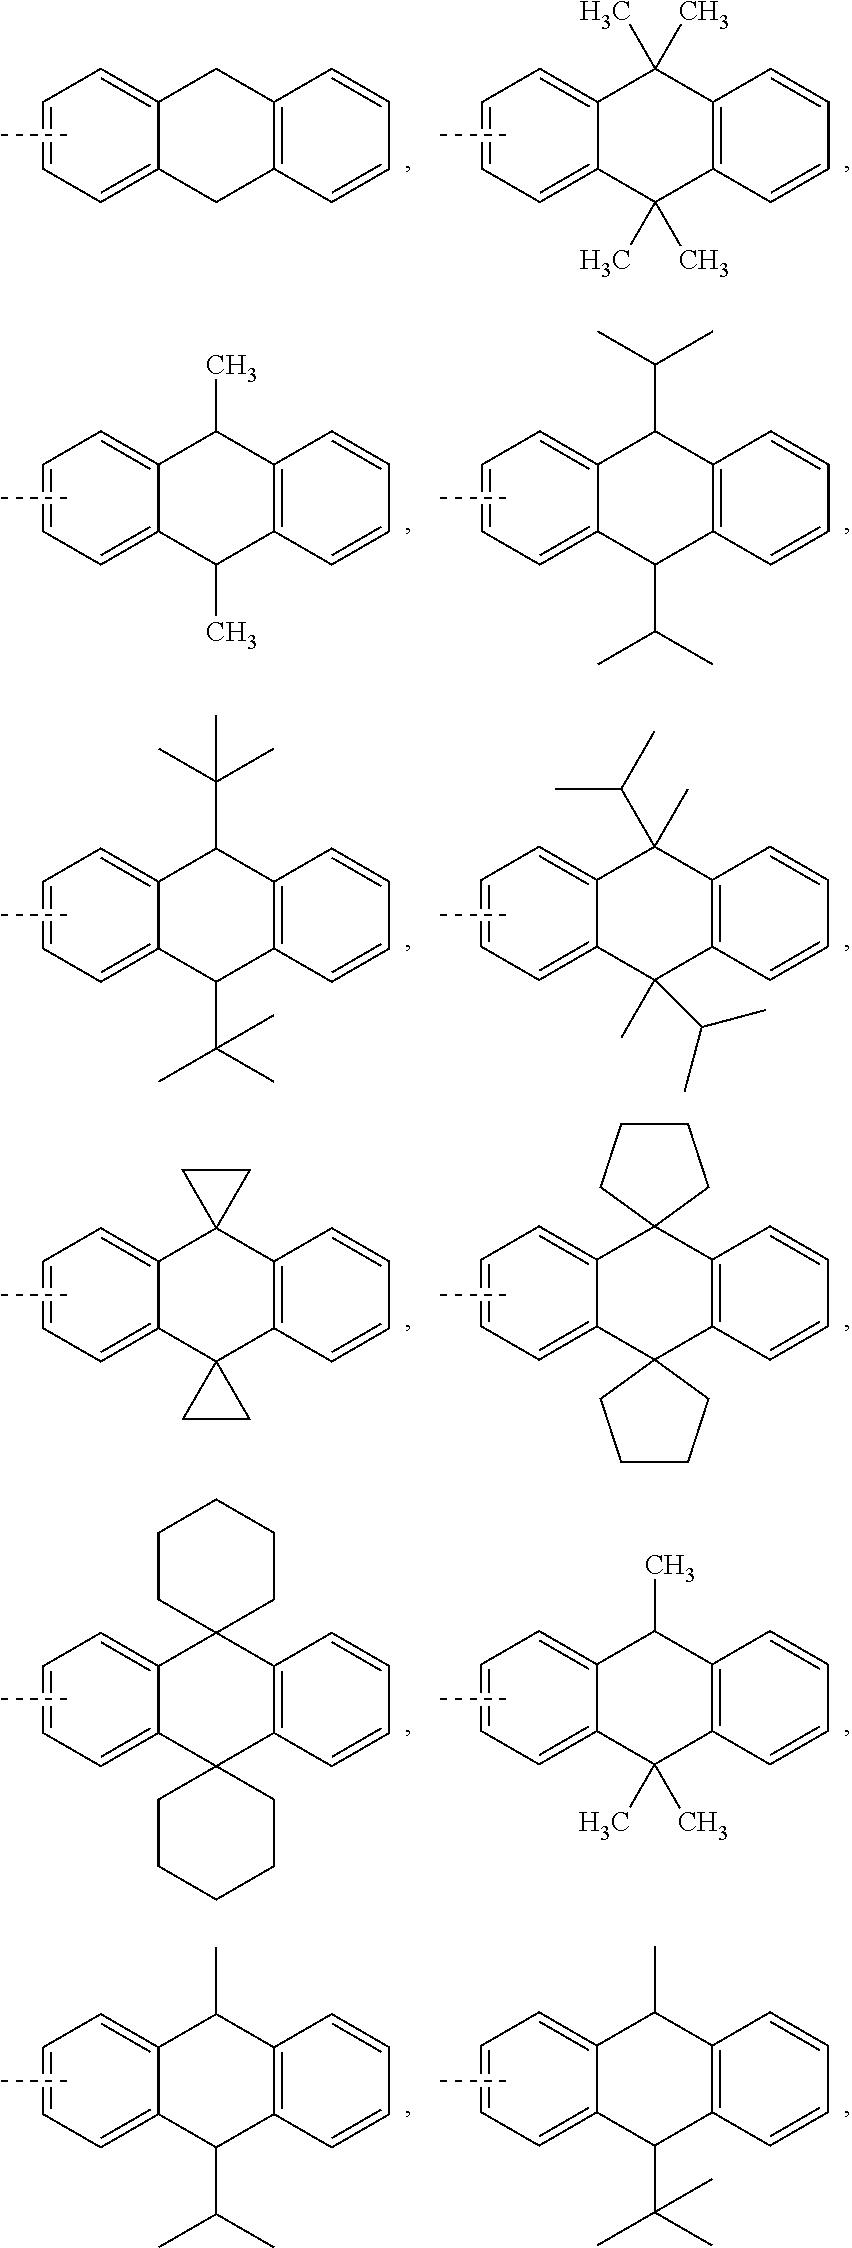 Figure US20180130962A1-20180510-C00009